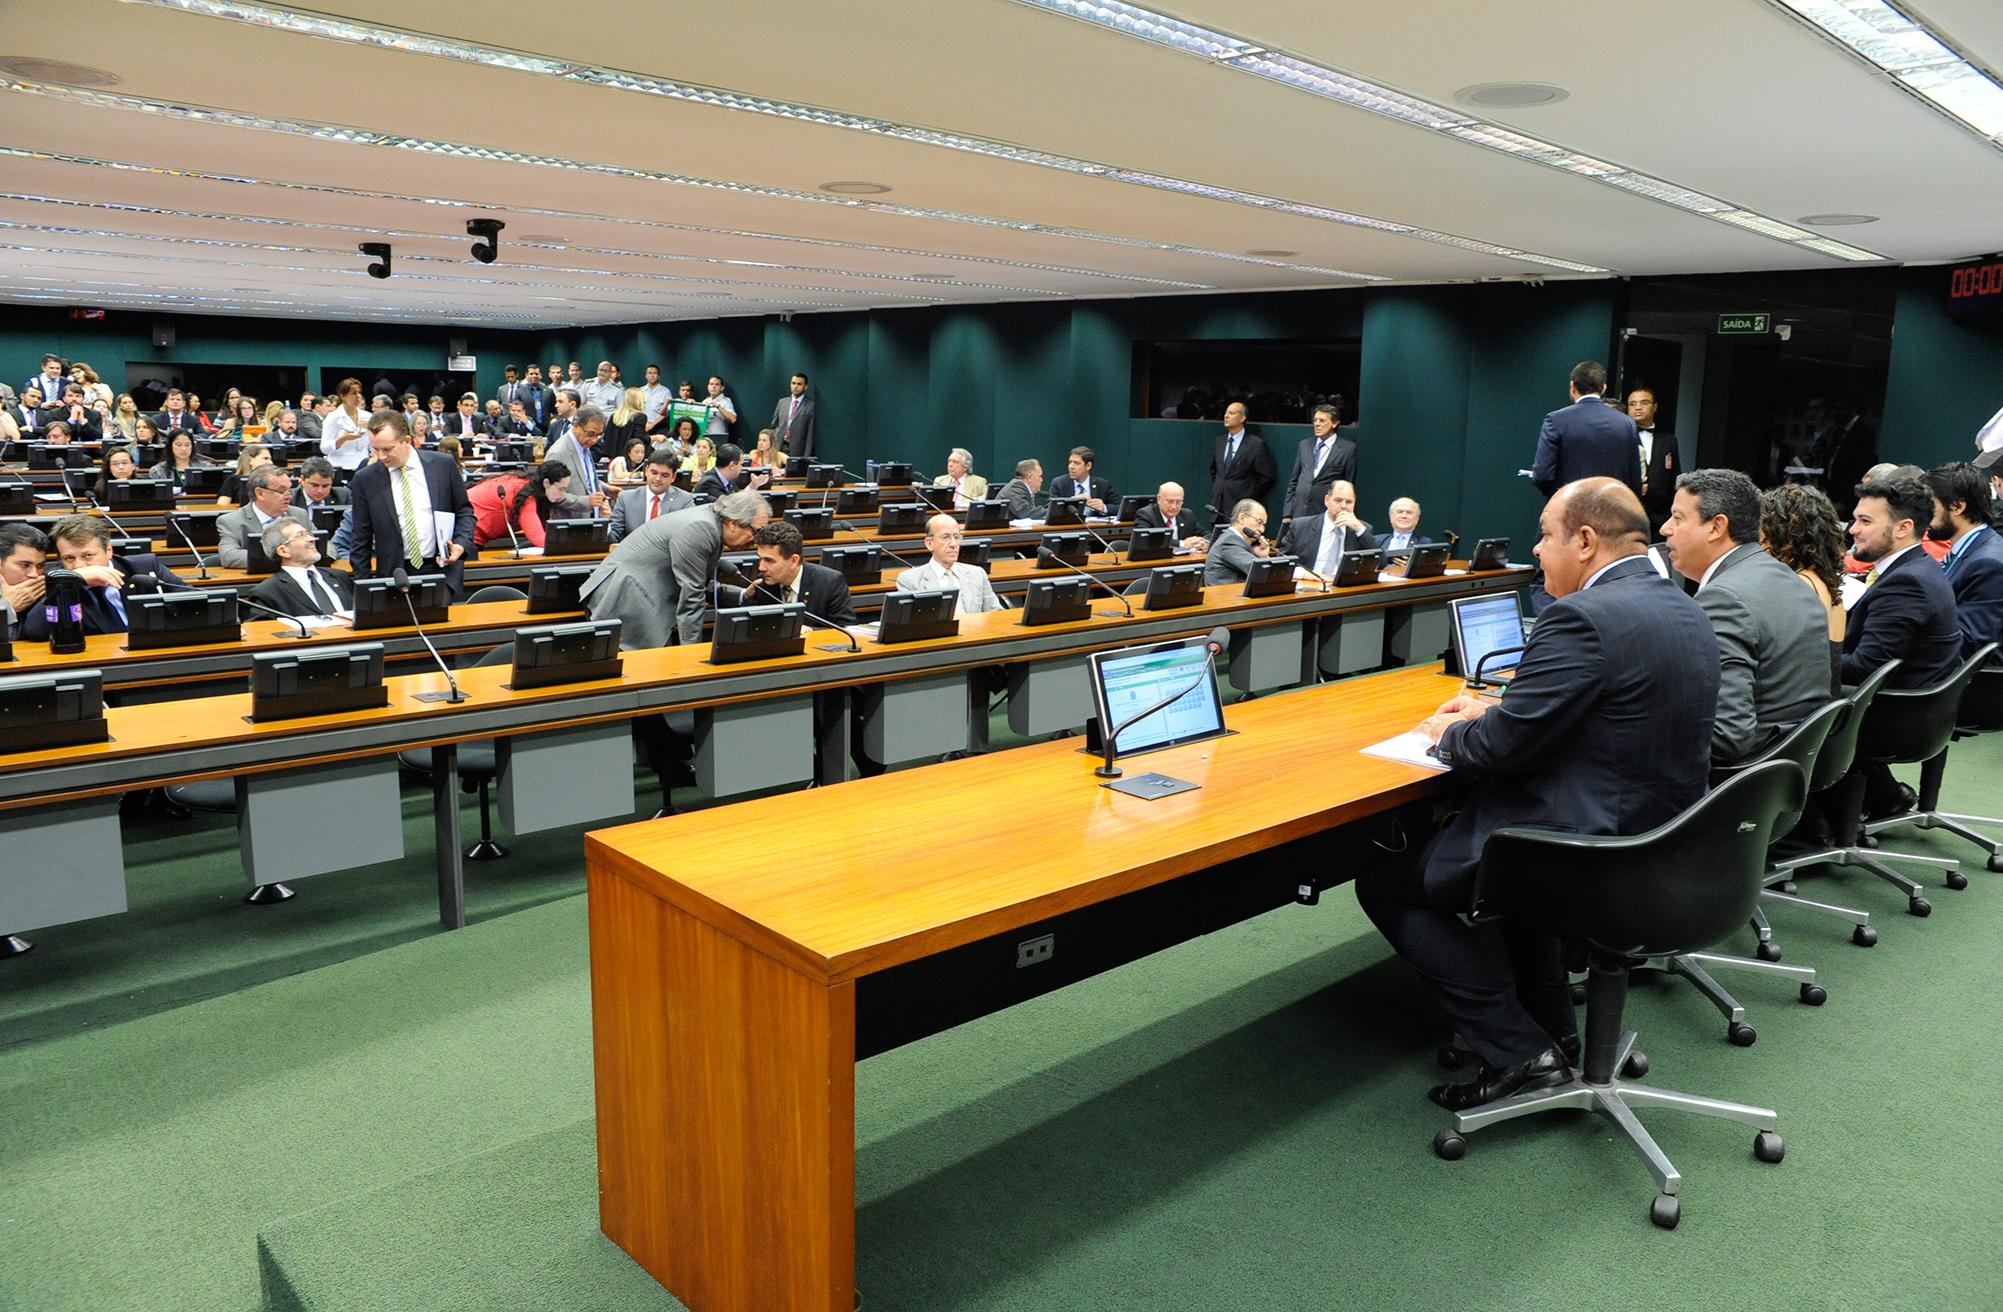 Comissao de Justica do Senado Foto Gabriela Korossy Câmara dos Deputados